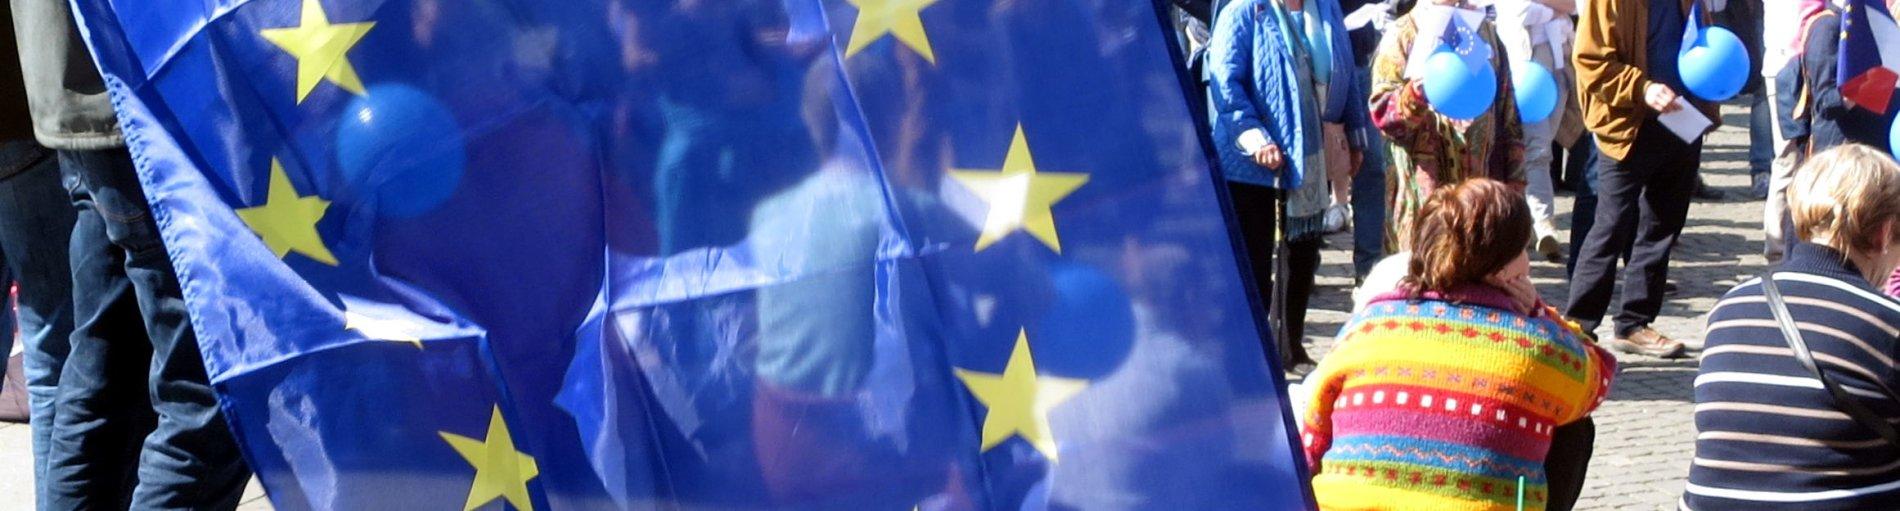 Eine Europa-Flagge wird geschwenkt